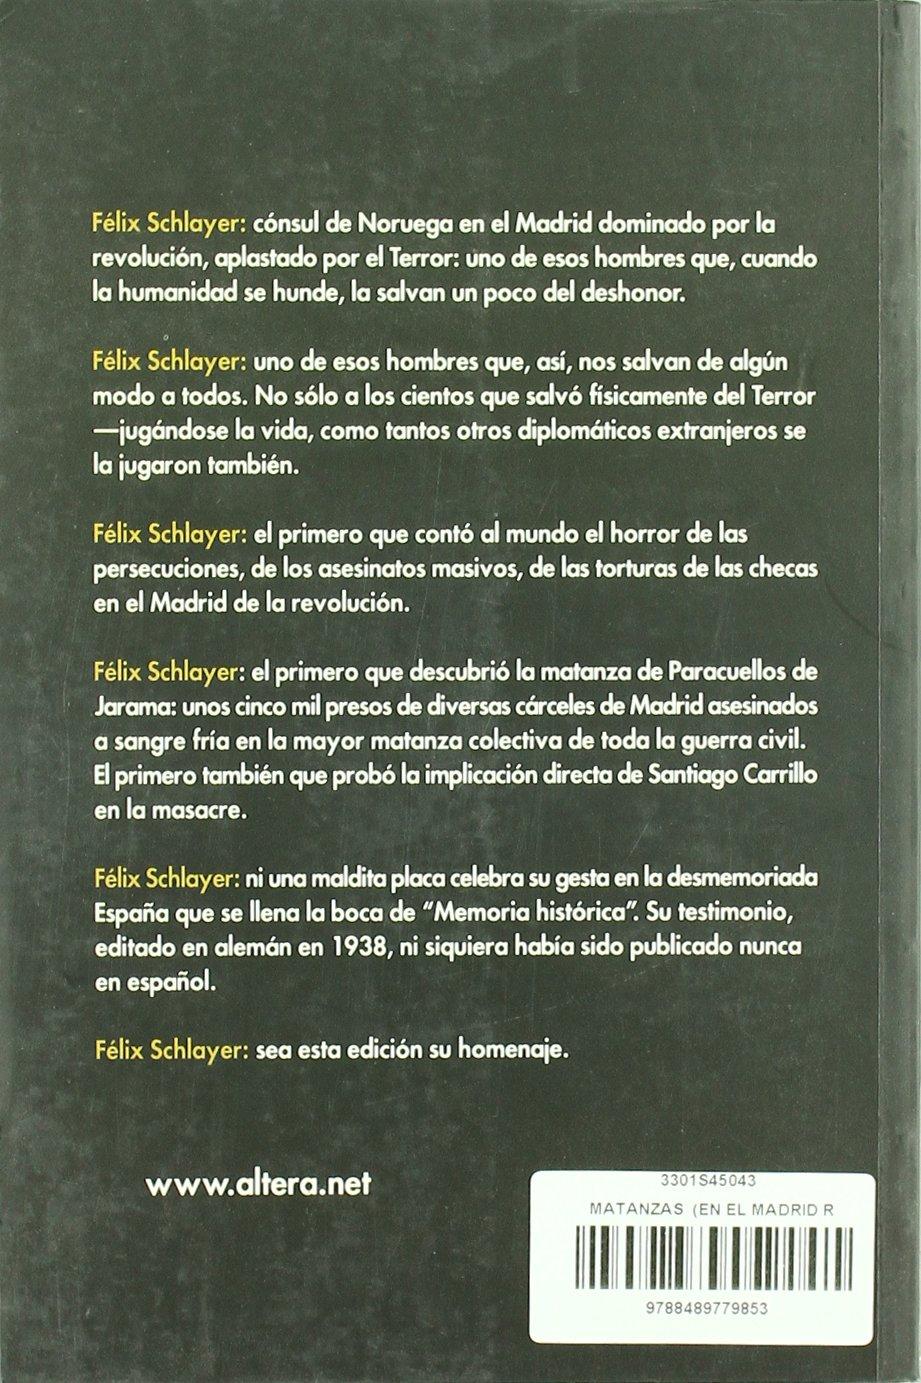 Matanzas En El Madrid Republicano: Amazon.es: Schlayer, Félix: Libros